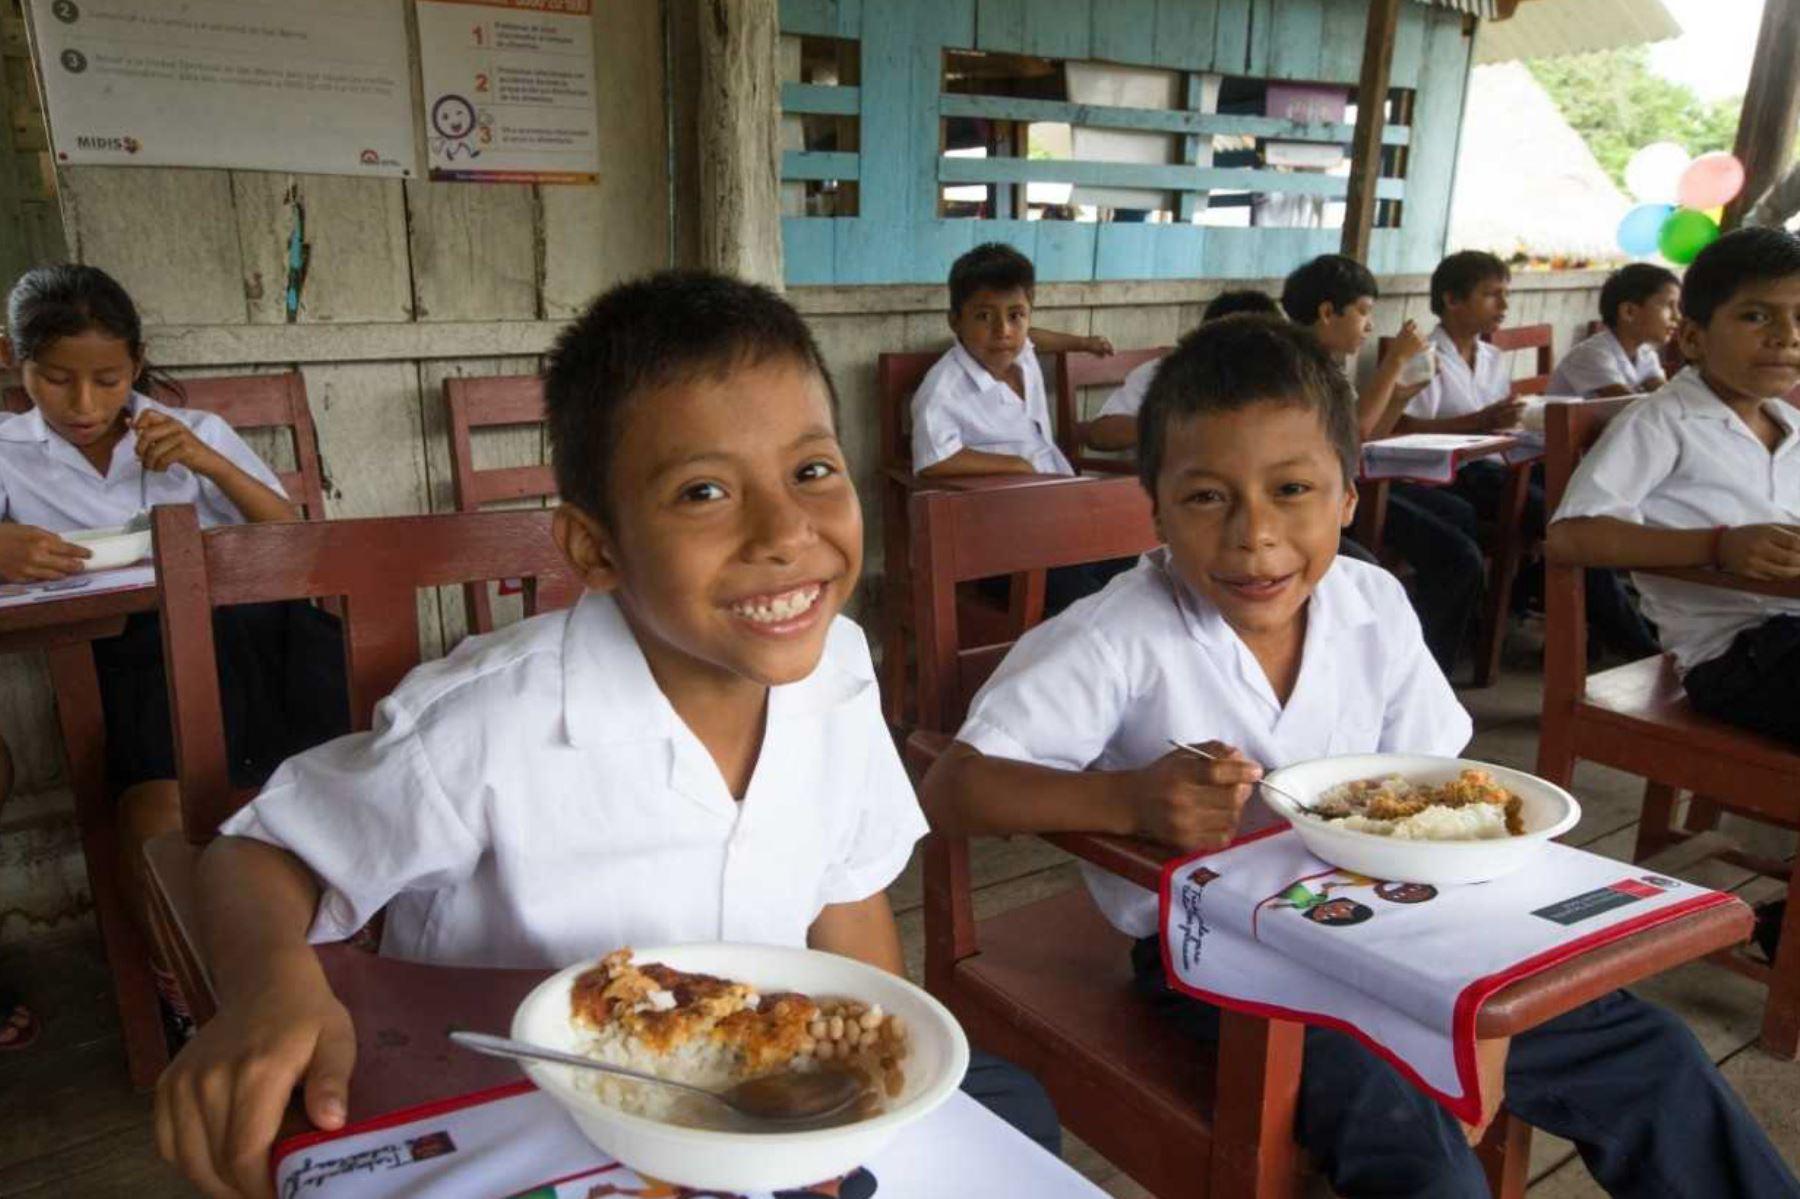 Programa Nacional de Alimentación Escolar Qali Warma brinda almuerzos a estudiantes de colegios públicos en las zonas rurales de la Amazonía.